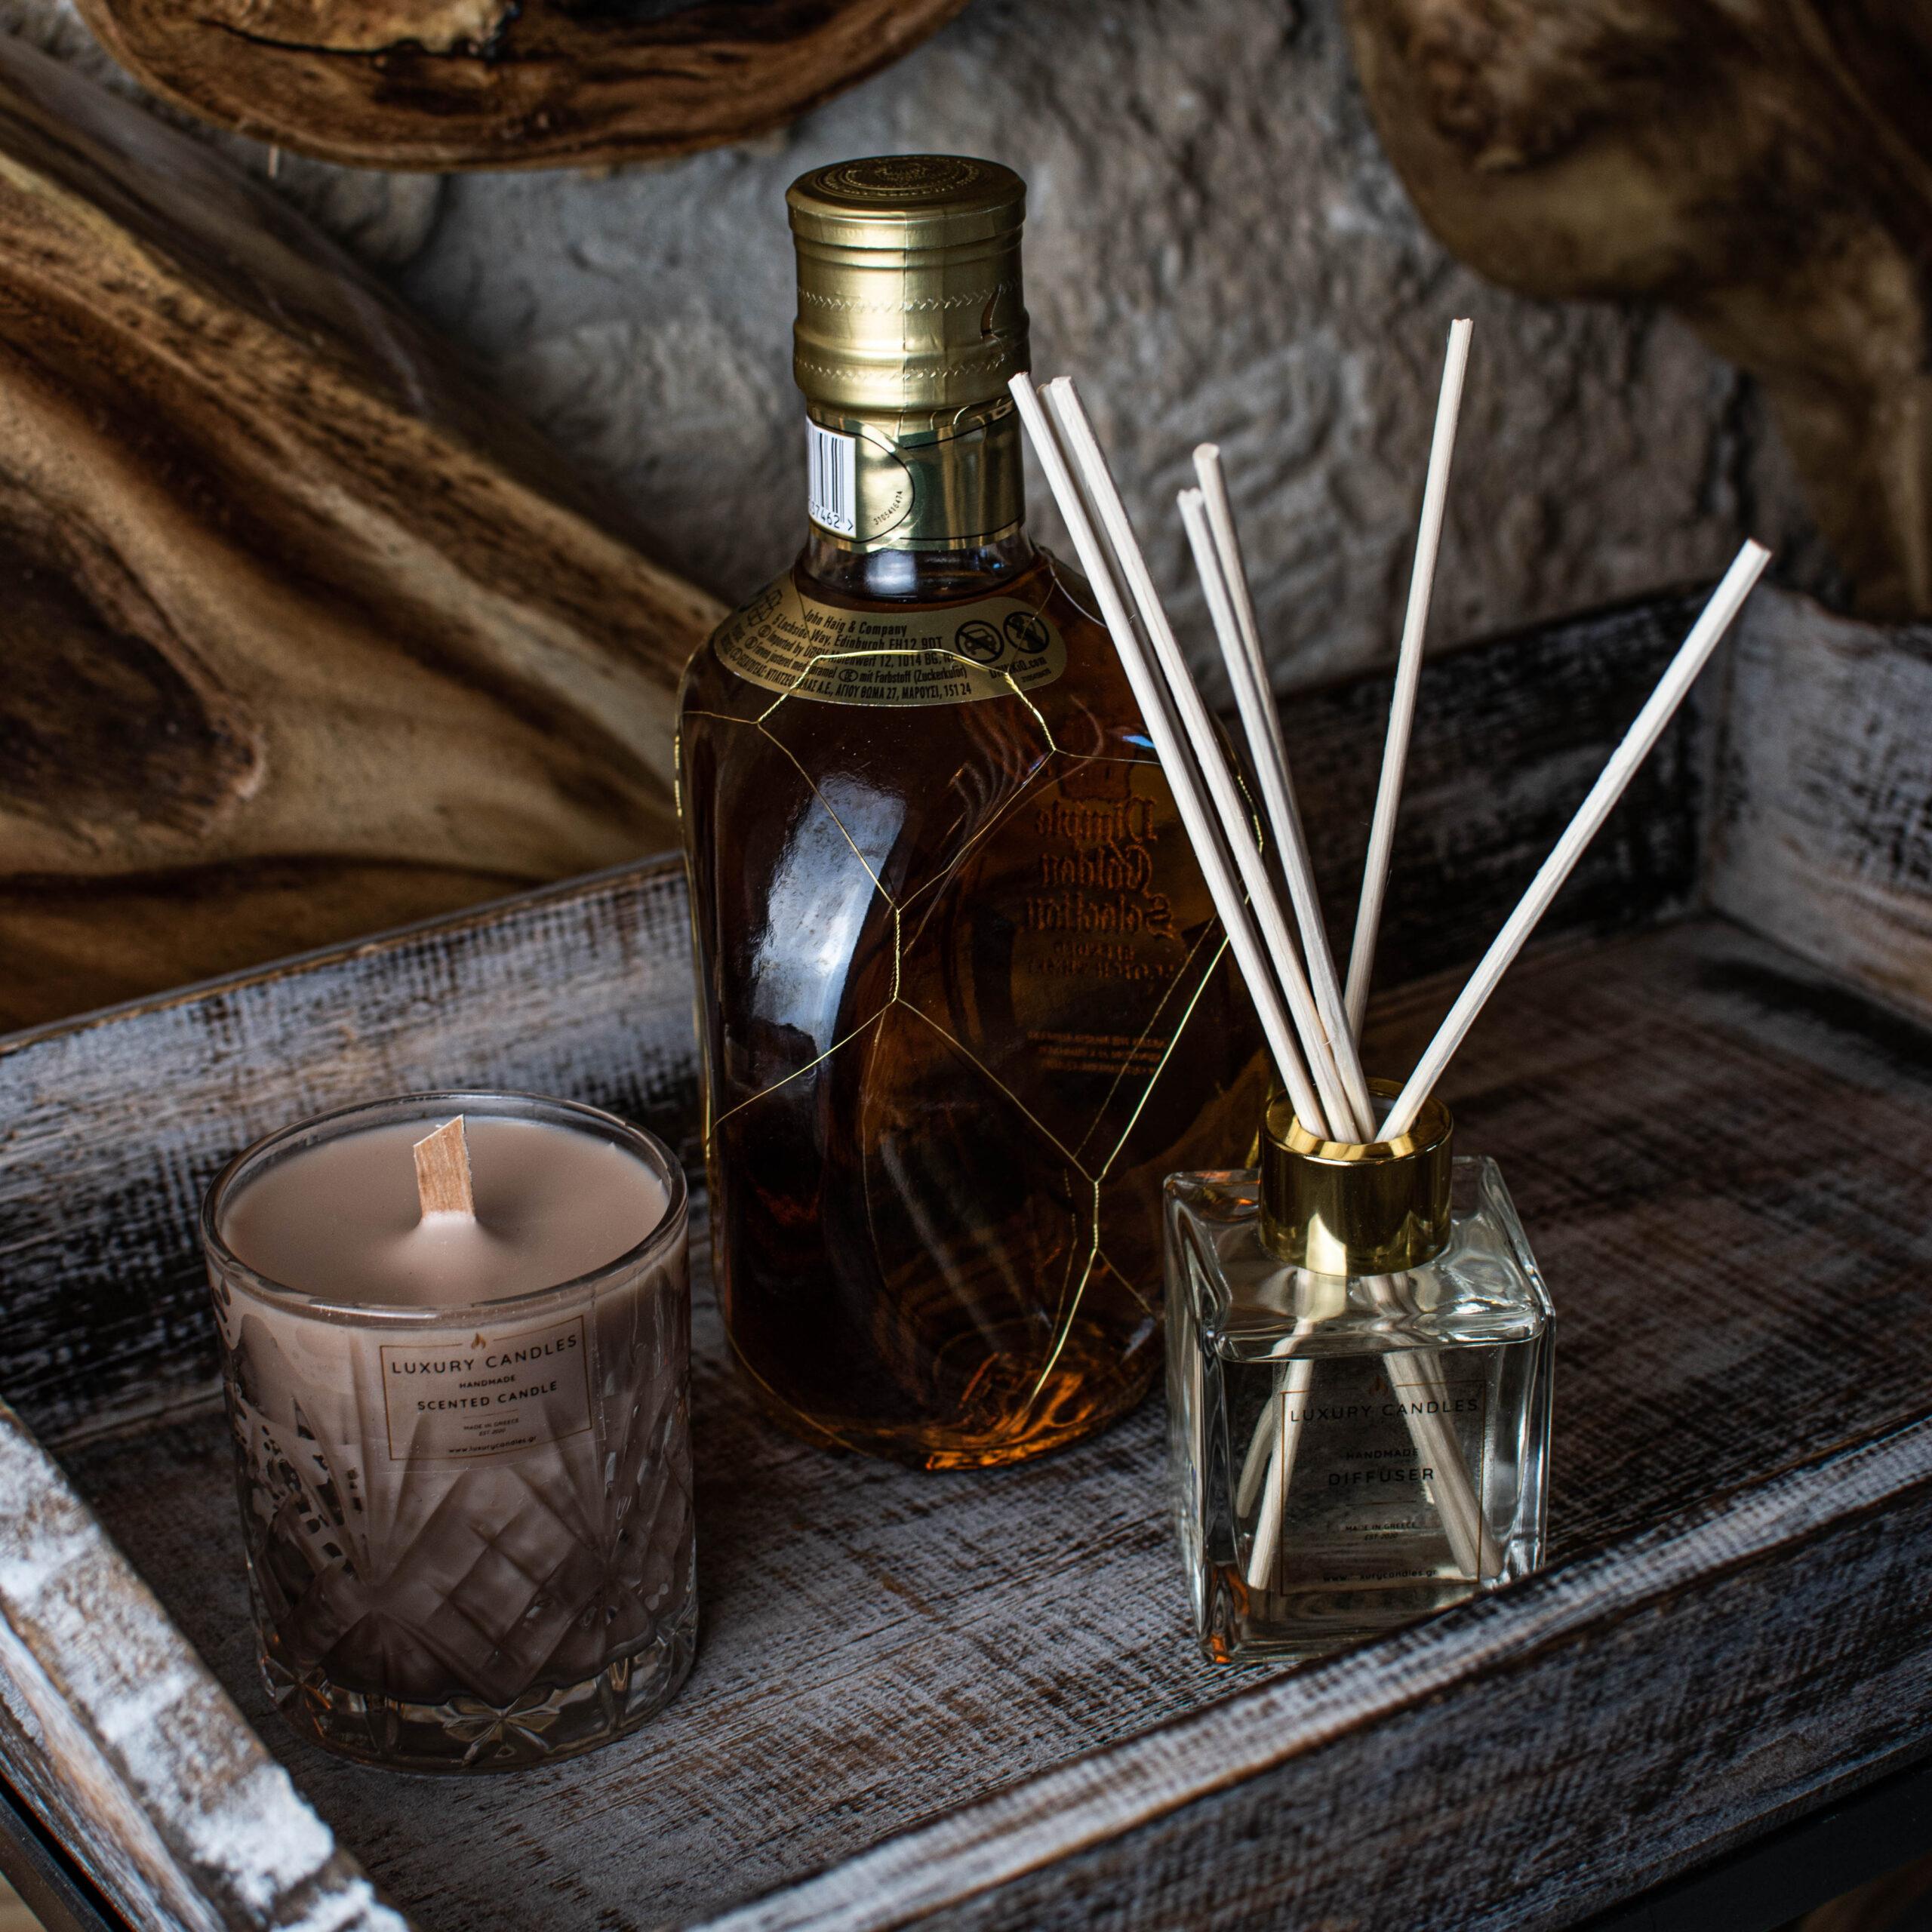 whiskey and caramel σετ που περιλαμβάνει ένα αρωματικό χώρου βανίλια σε διάφανο μπουκαλάκι και ένα κερί με άρωμα ουίσκι και καραμέλα σε κρυστάλλινο ποτήρι, χρώματος μπεζ με ξύλινο φυτίλι